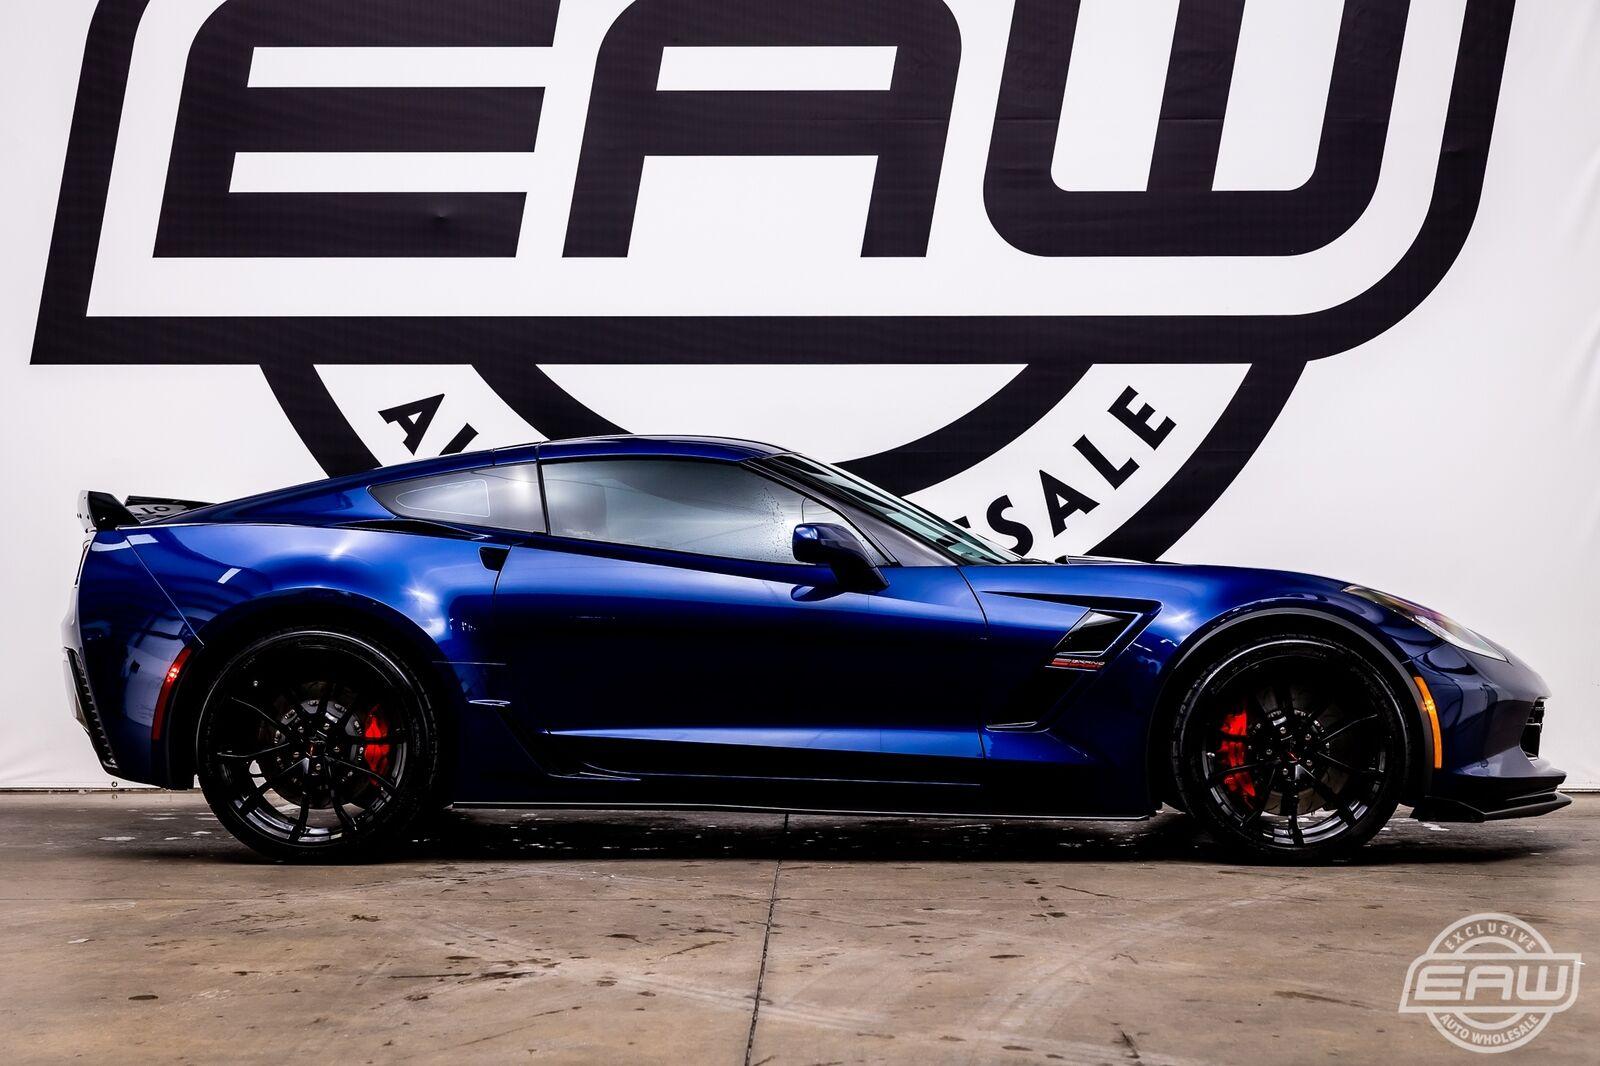 2017 Blue Chevrolet Corvette Grand Sport 2LT | C7 Corvette Photo 9